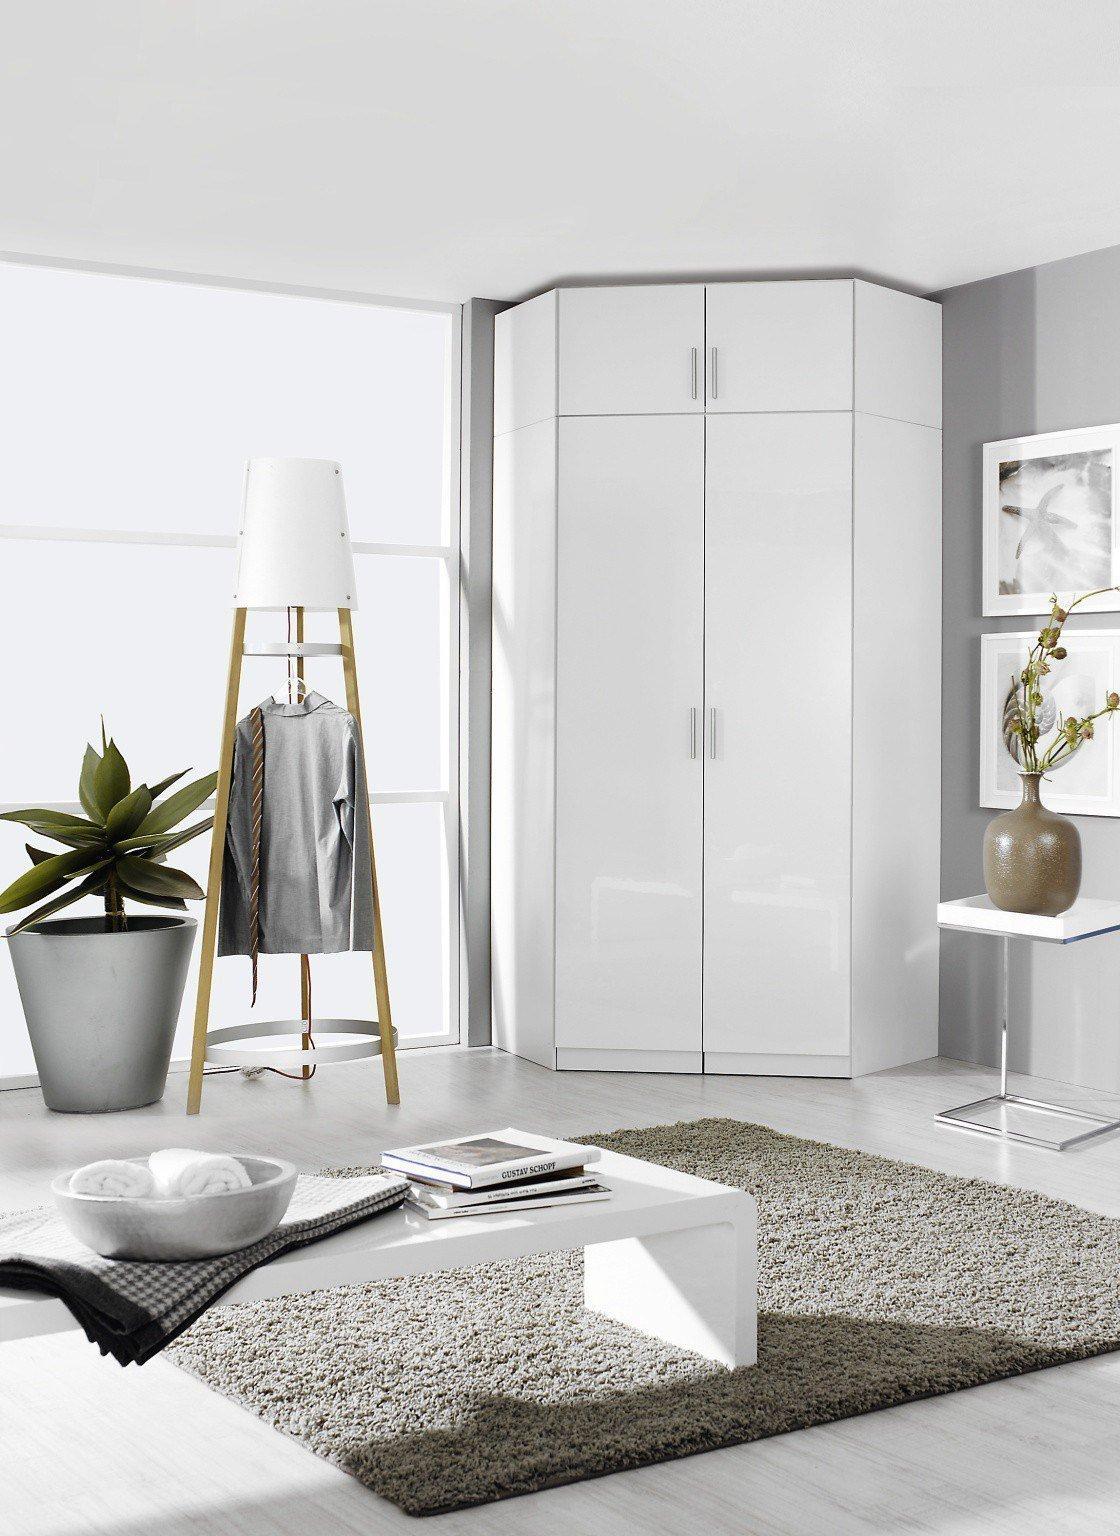 rauch celle eckschrank h he 197 cm m bel letz ihr online shop. Black Bedroom Furniture Sets. Home Design Ideas